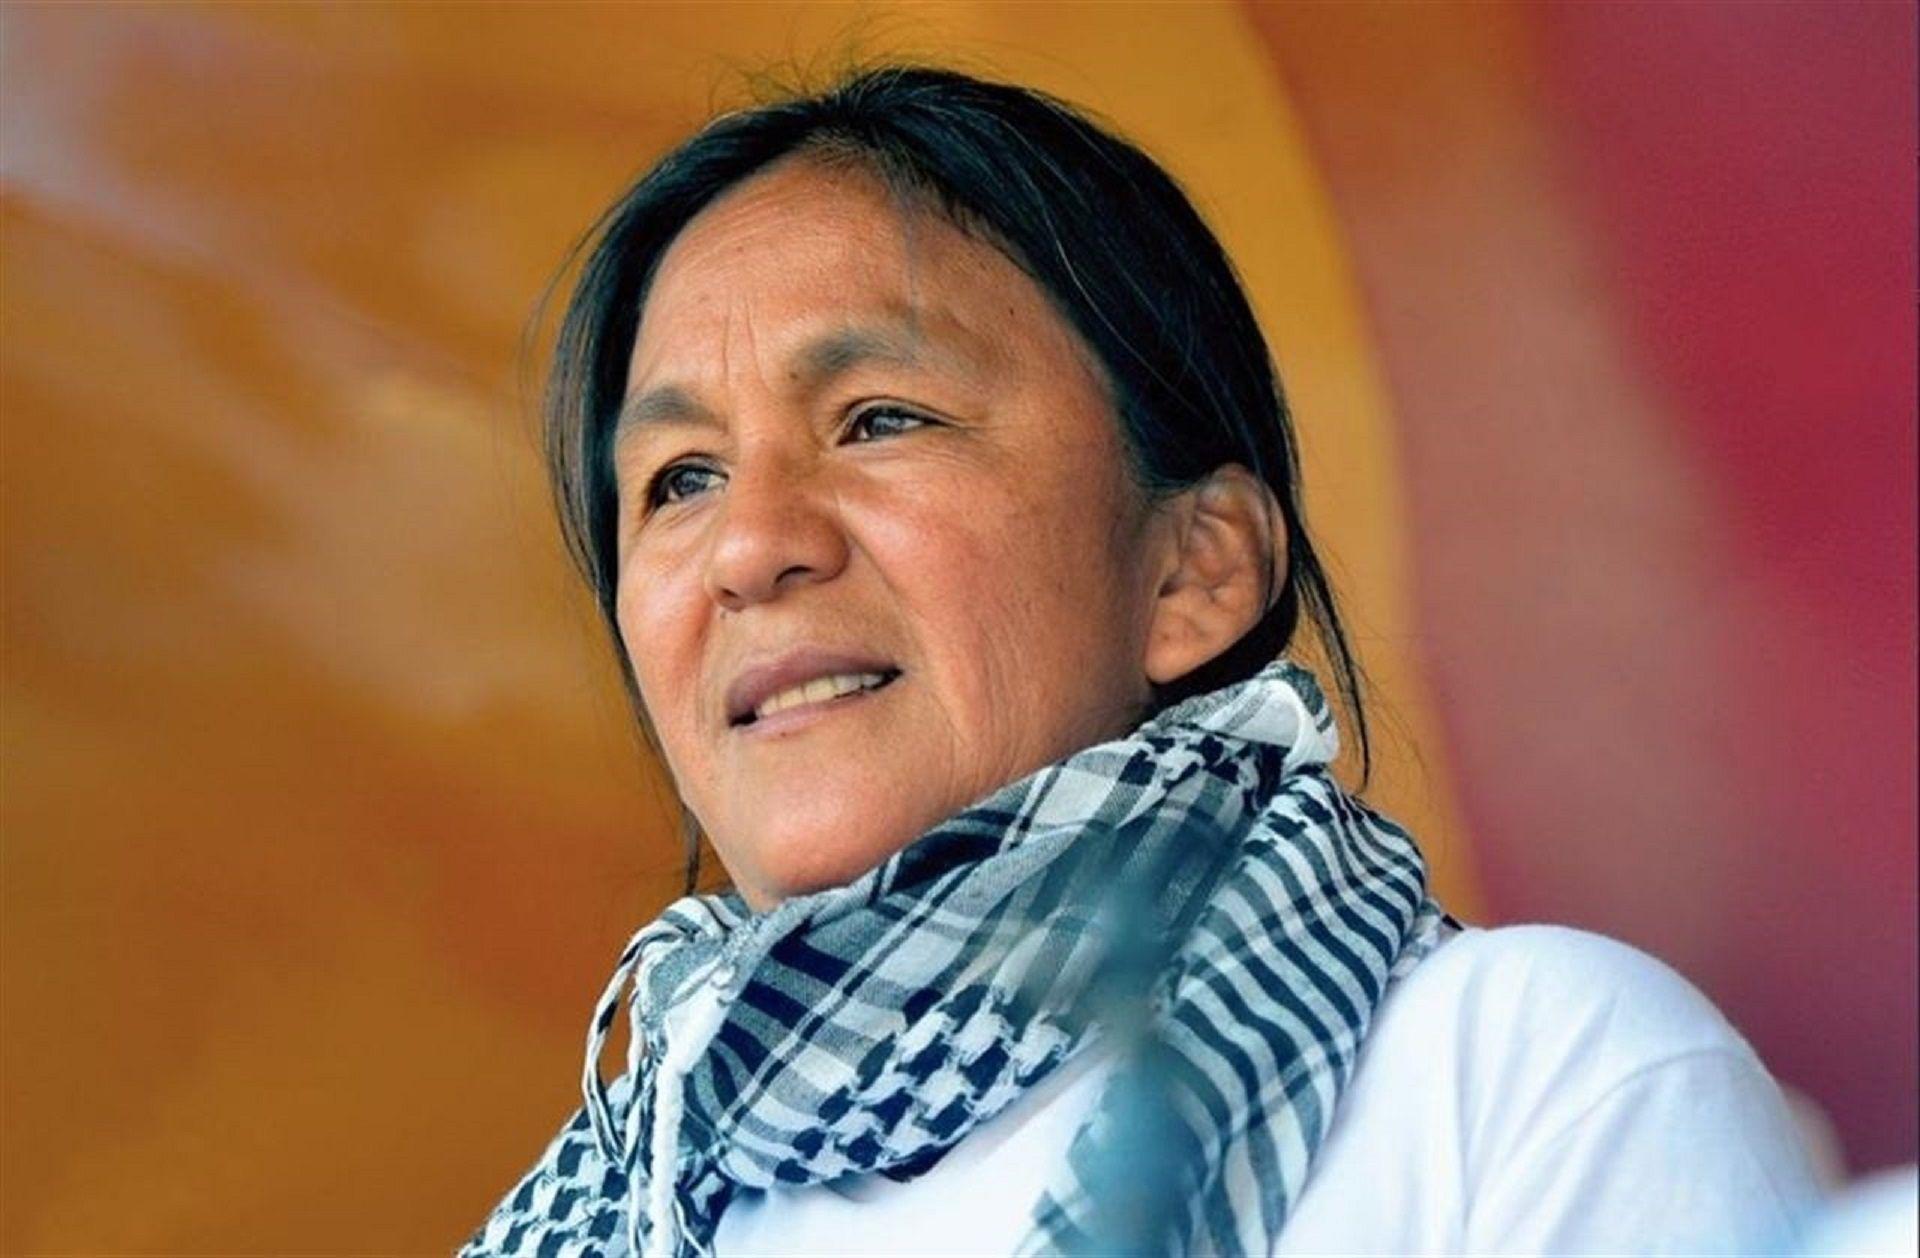 Milagro Sala a juicio oral por una causa iniciada en 2009 tras un escrache a Morales